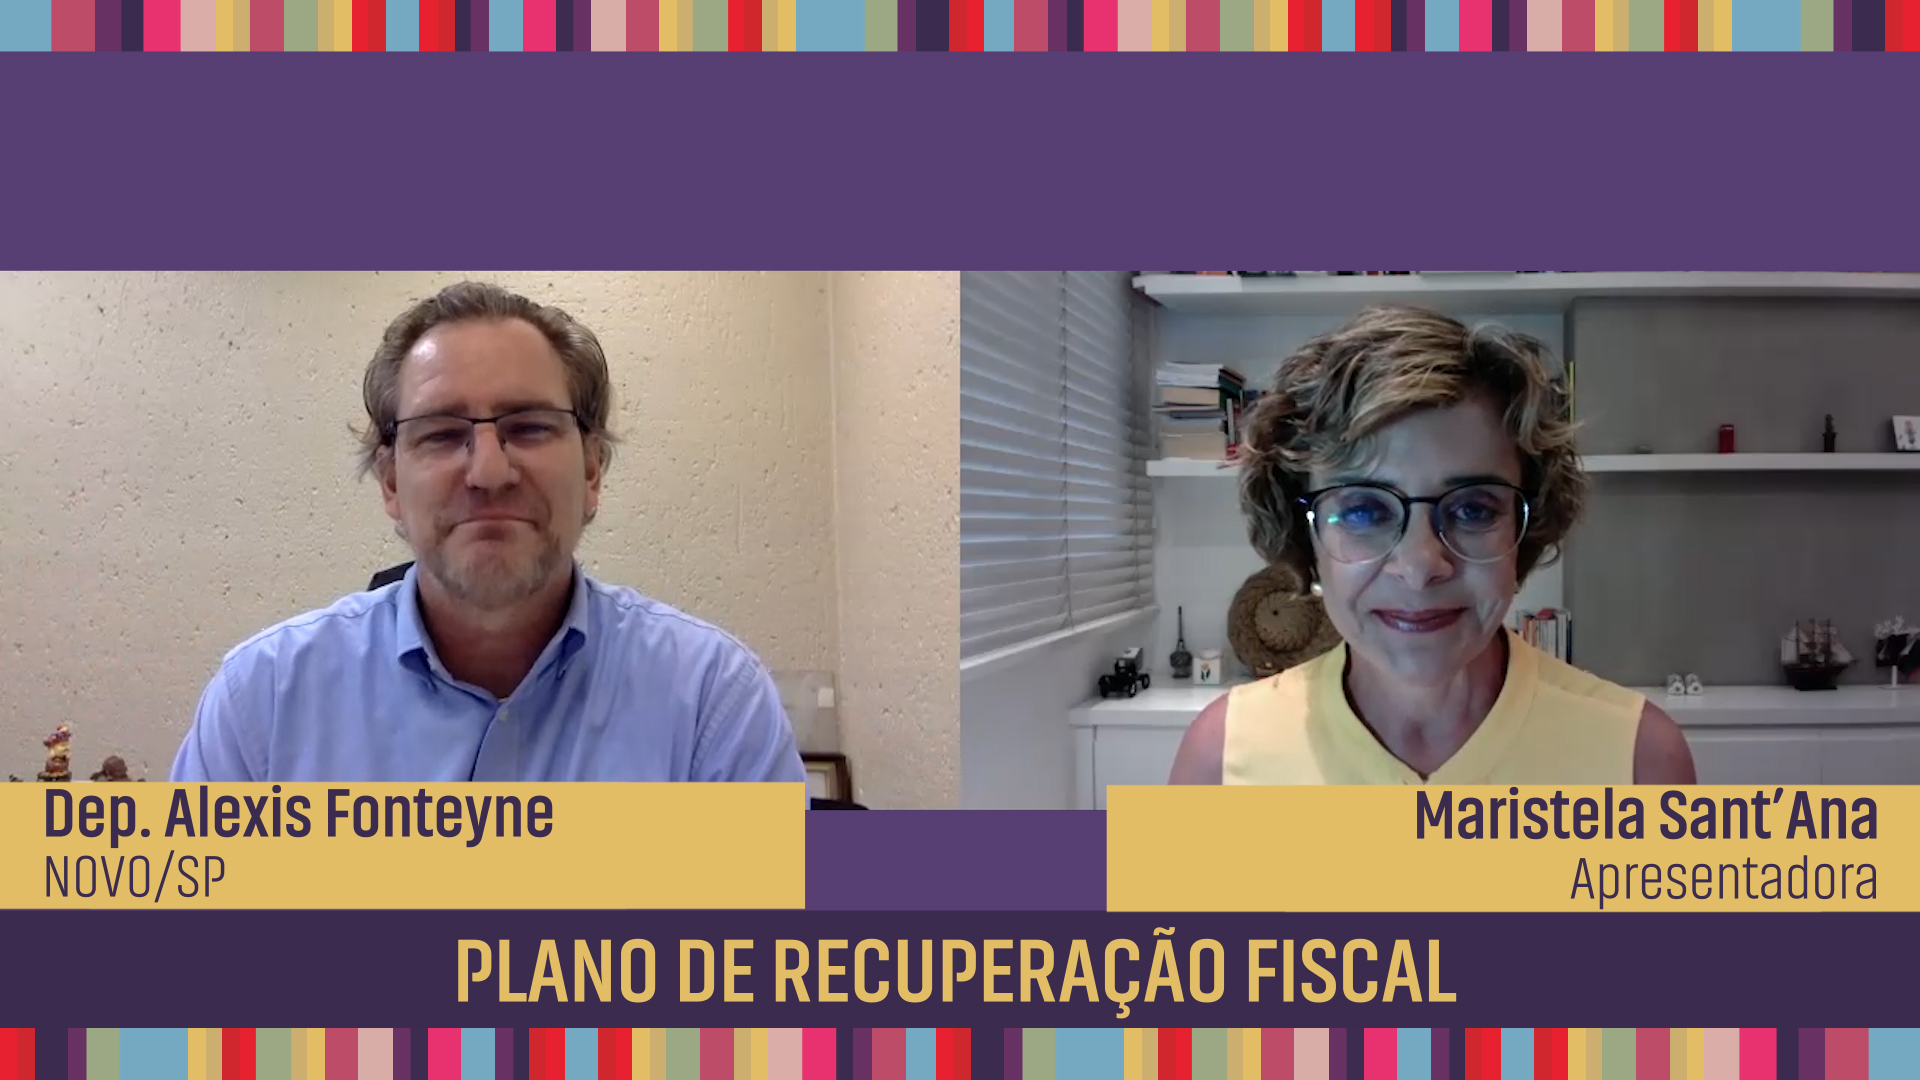 Plano de recuperação fiscal